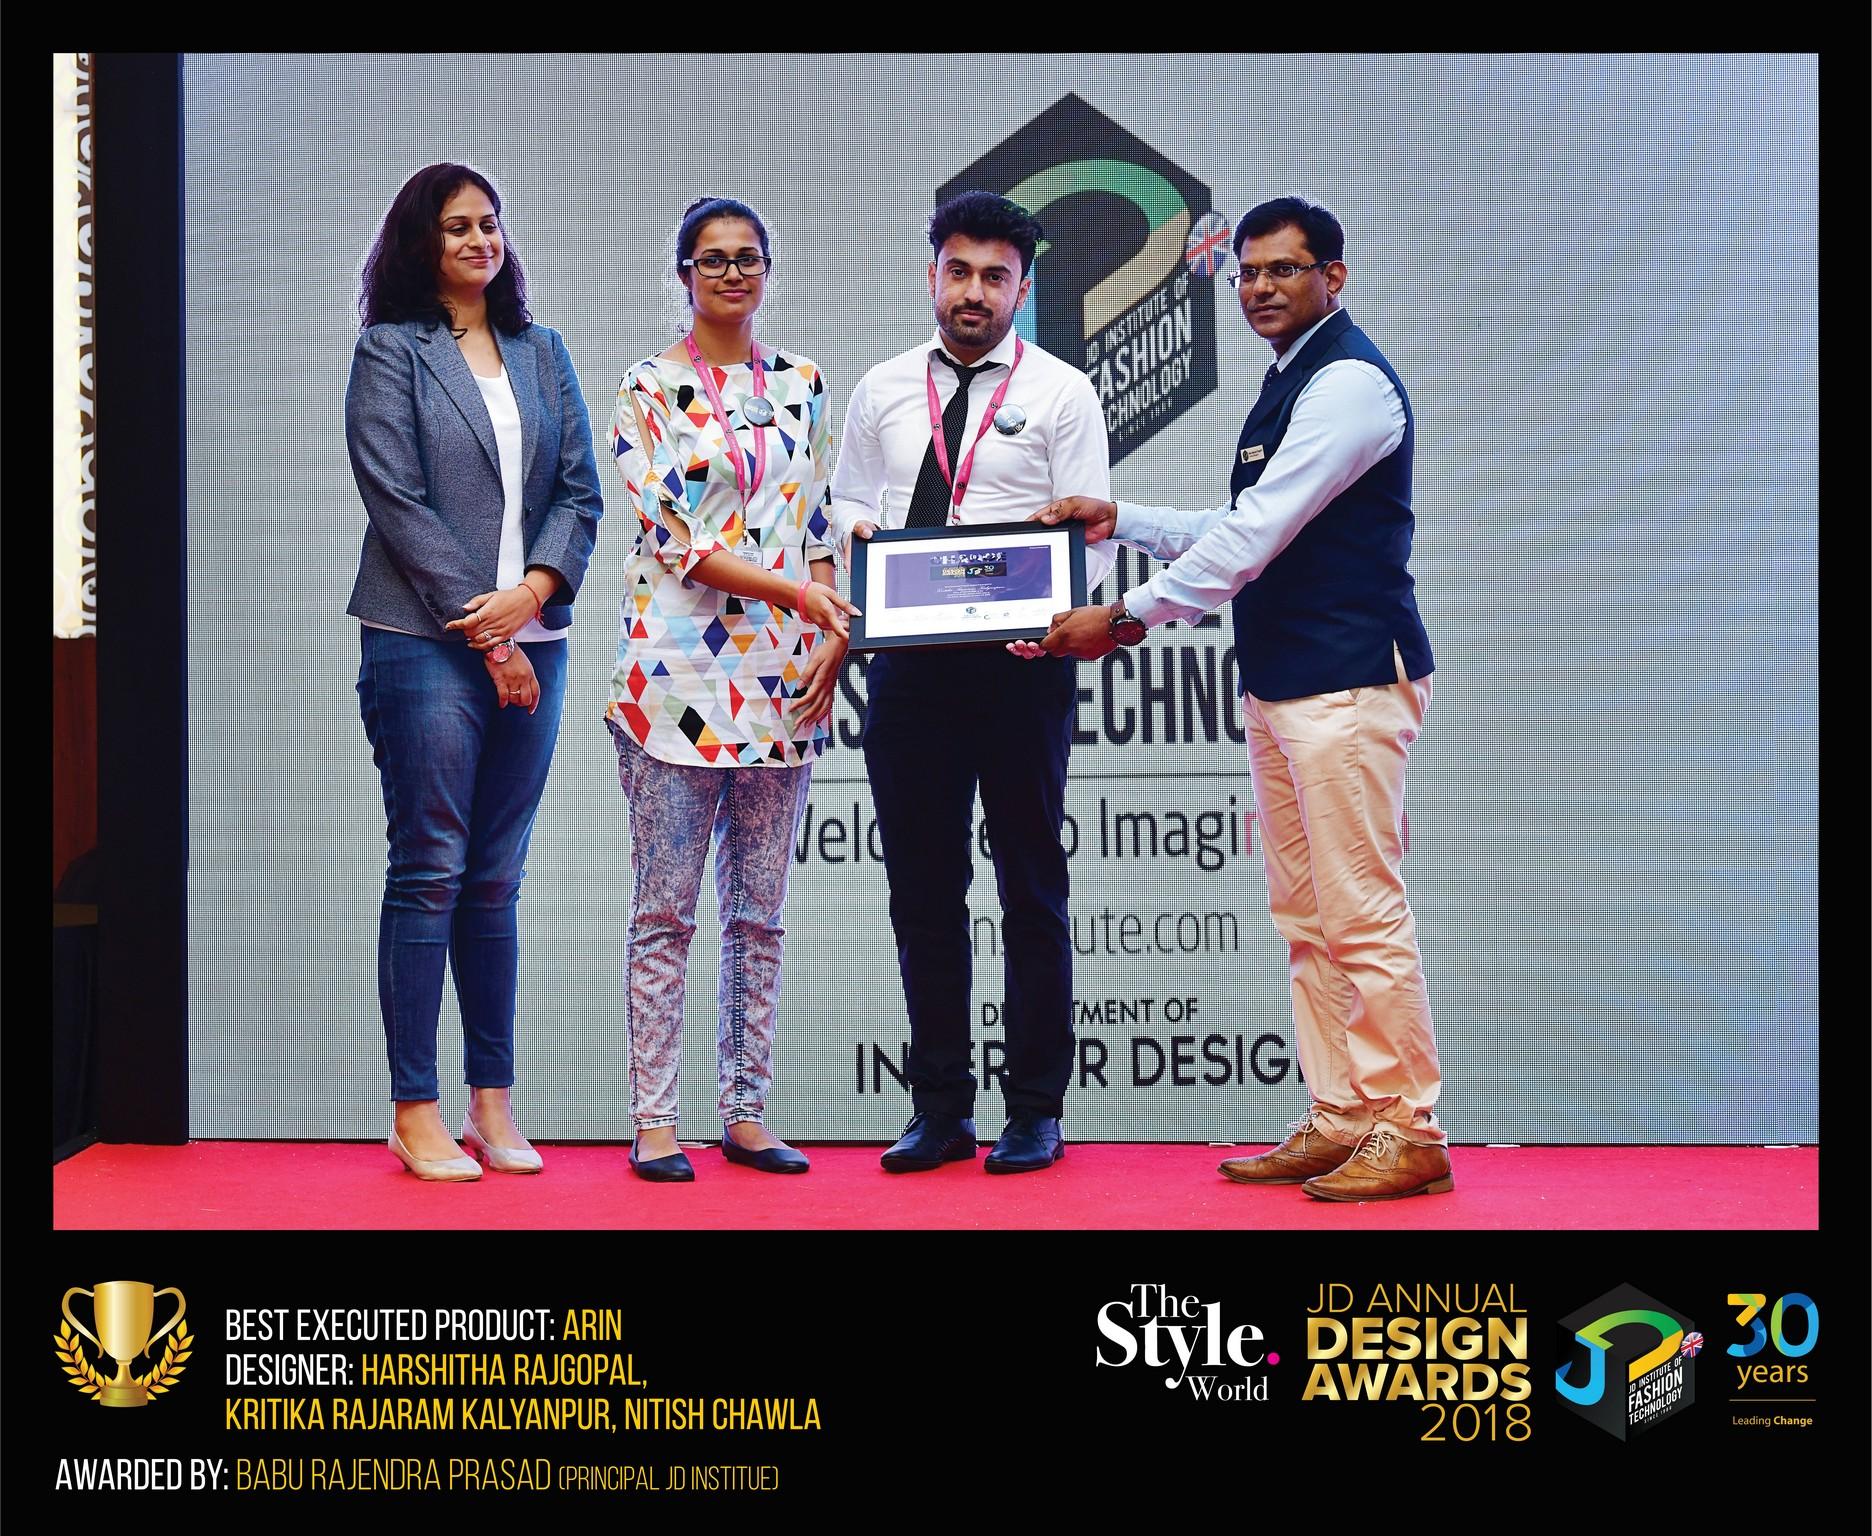 Arin – Change – JD Annual Design Awards 2018 | Designer: Harshitha Rajagopal, Kritika Kalyanpur and Nitish Chawla | Photography : Jerin Nath (@jerin_nath) arin - Arin2 Final - Arin – Change – JD Annual Design Awards 2018